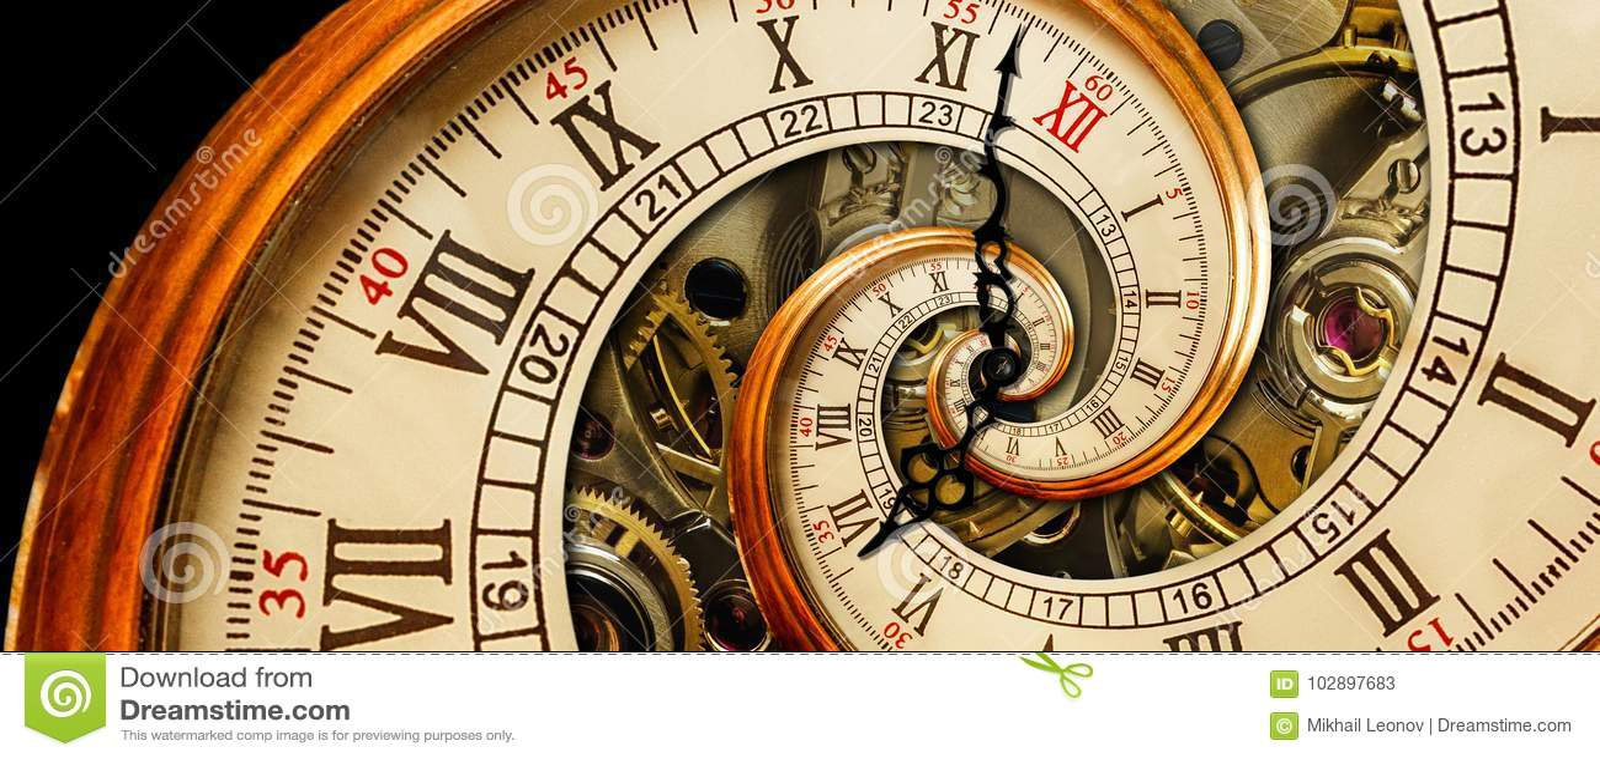 Antieke oude klok abstracte fractal spiraal Fractal van de het mechanisme ongebruikelijke abstracte textuur van de horloge klassi